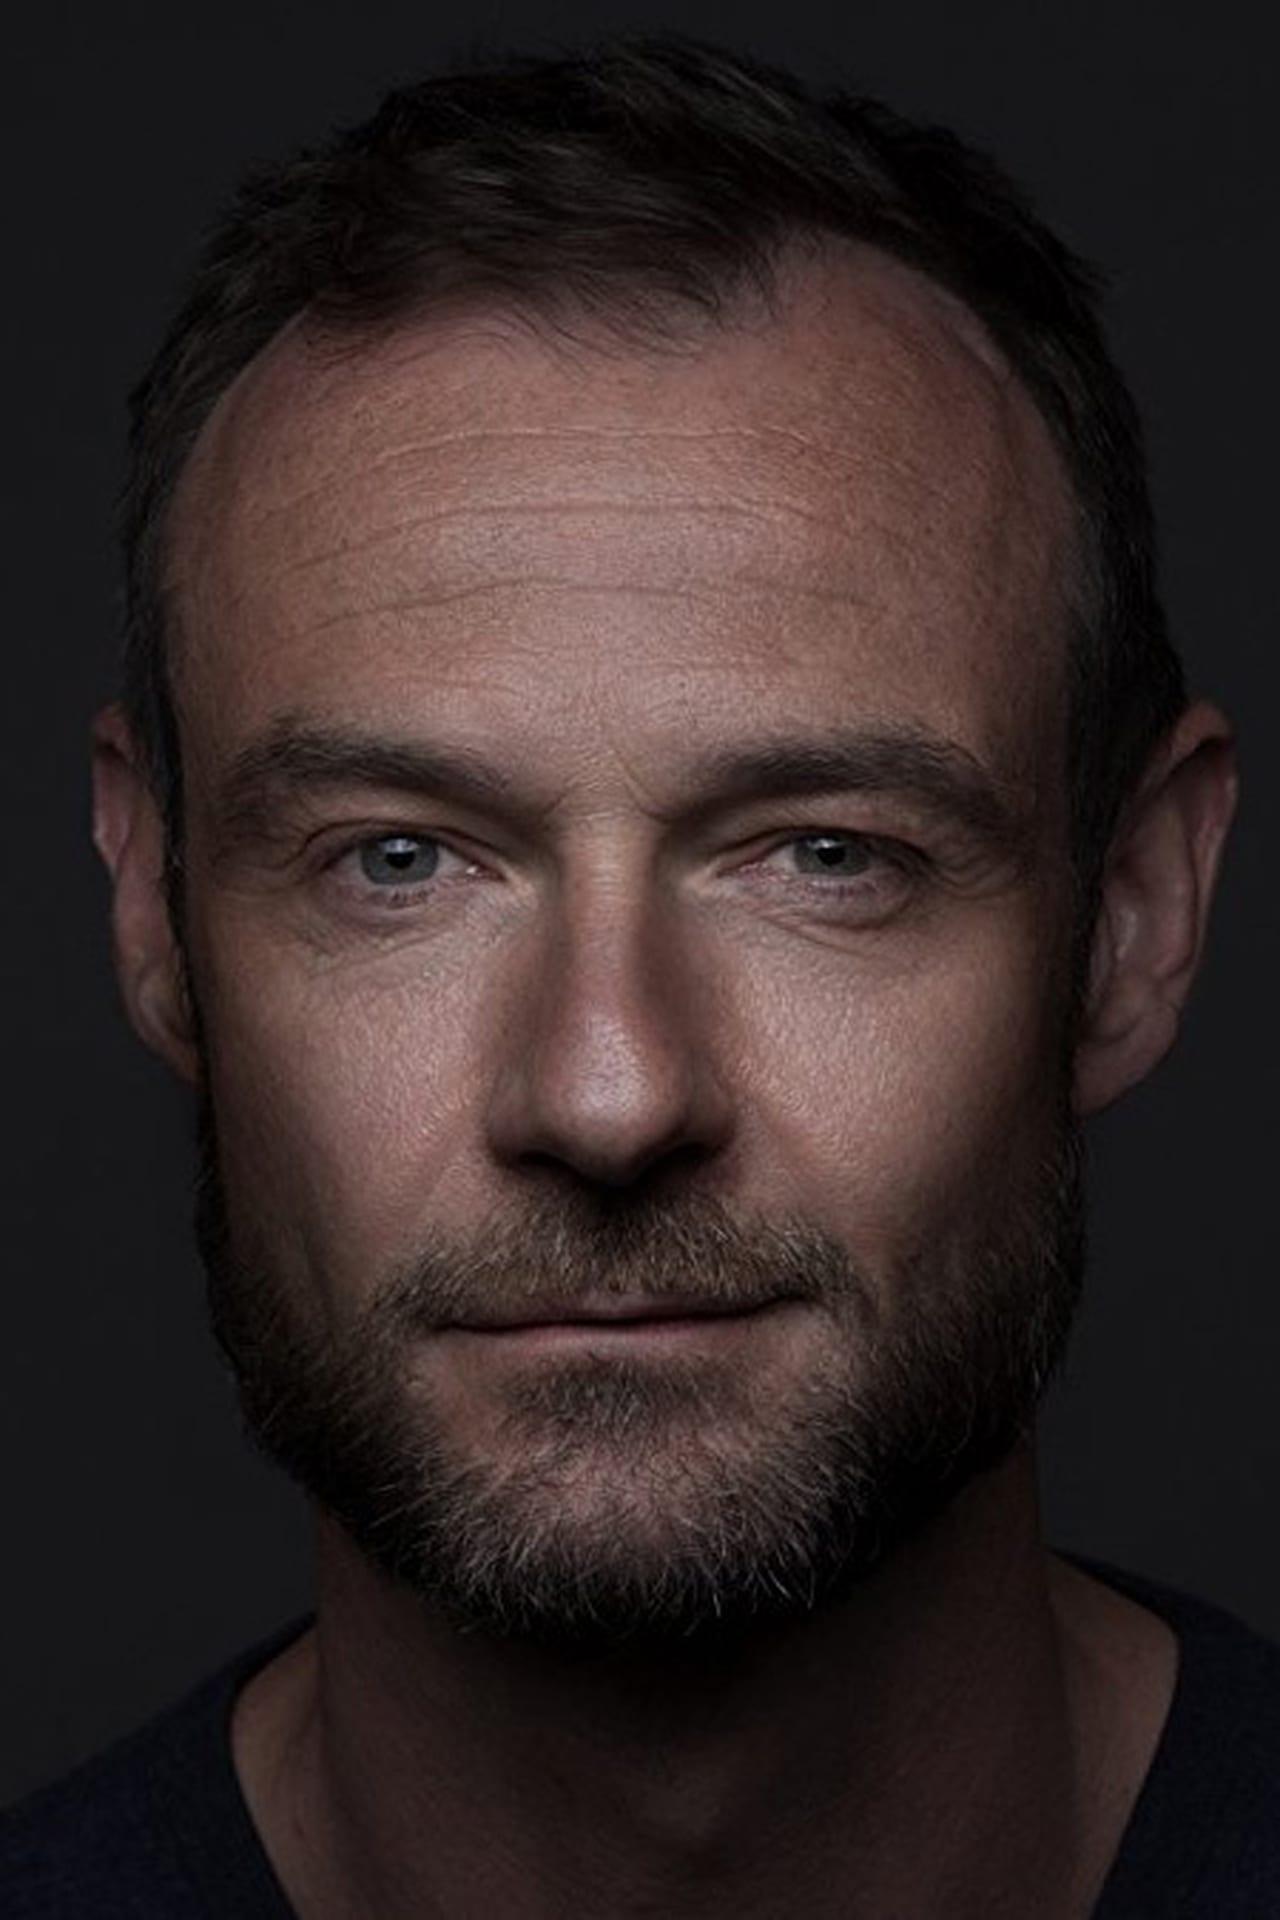 Anders Brink Madsen